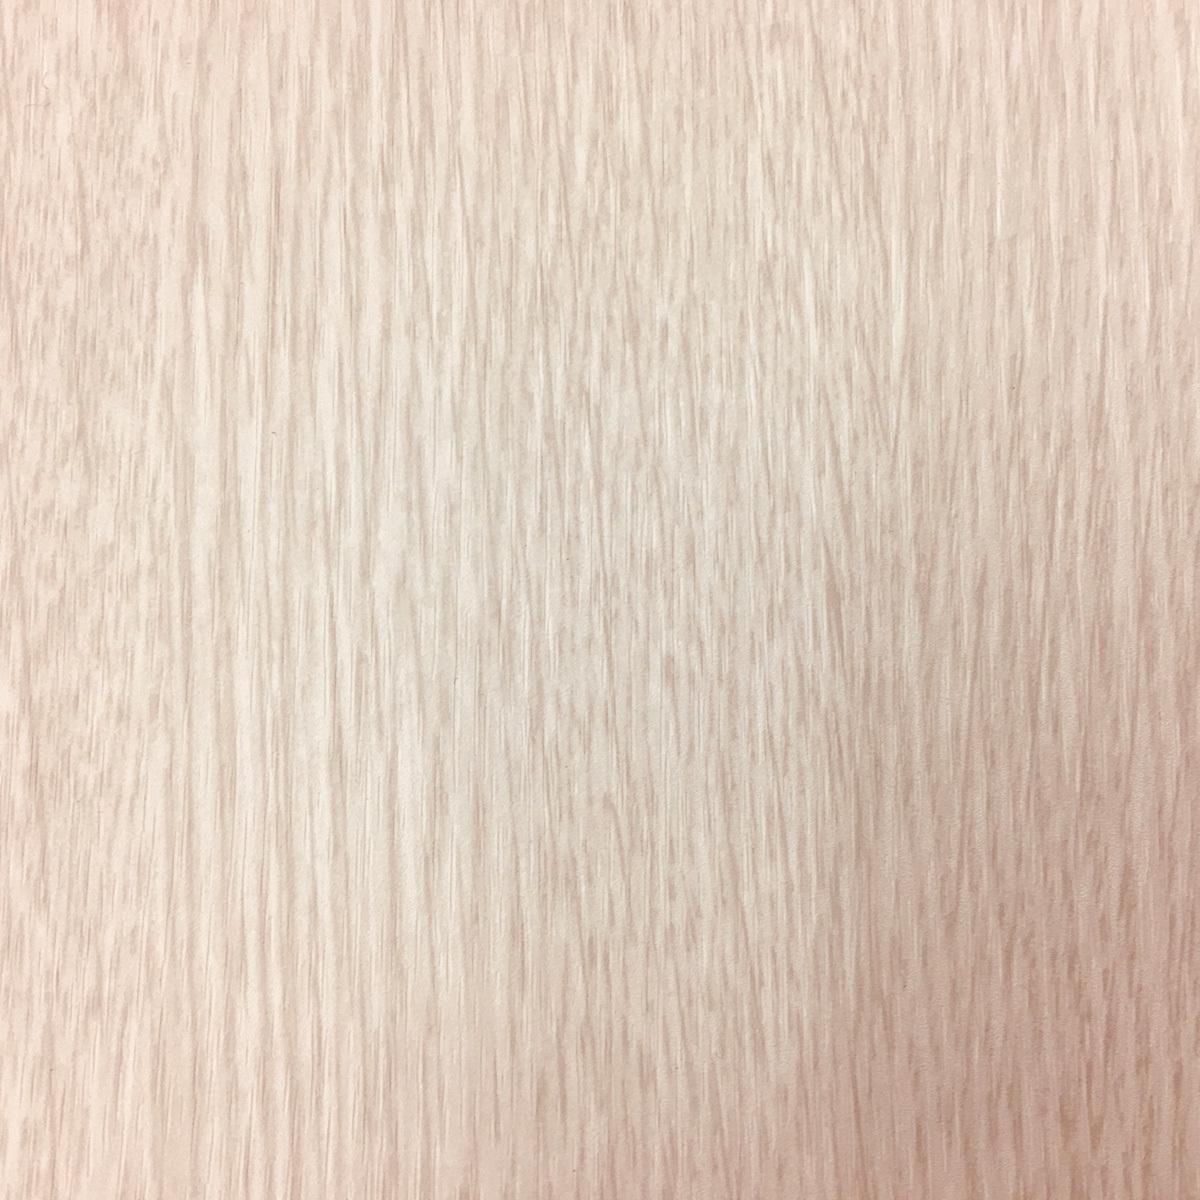 【サンゲツアウトレット木目クロス】壁紙ビニールクロスHF1065処分品 オーク 柾目【50m】【不燃】【表面強化】【防カビ】【リノベション】_画像4